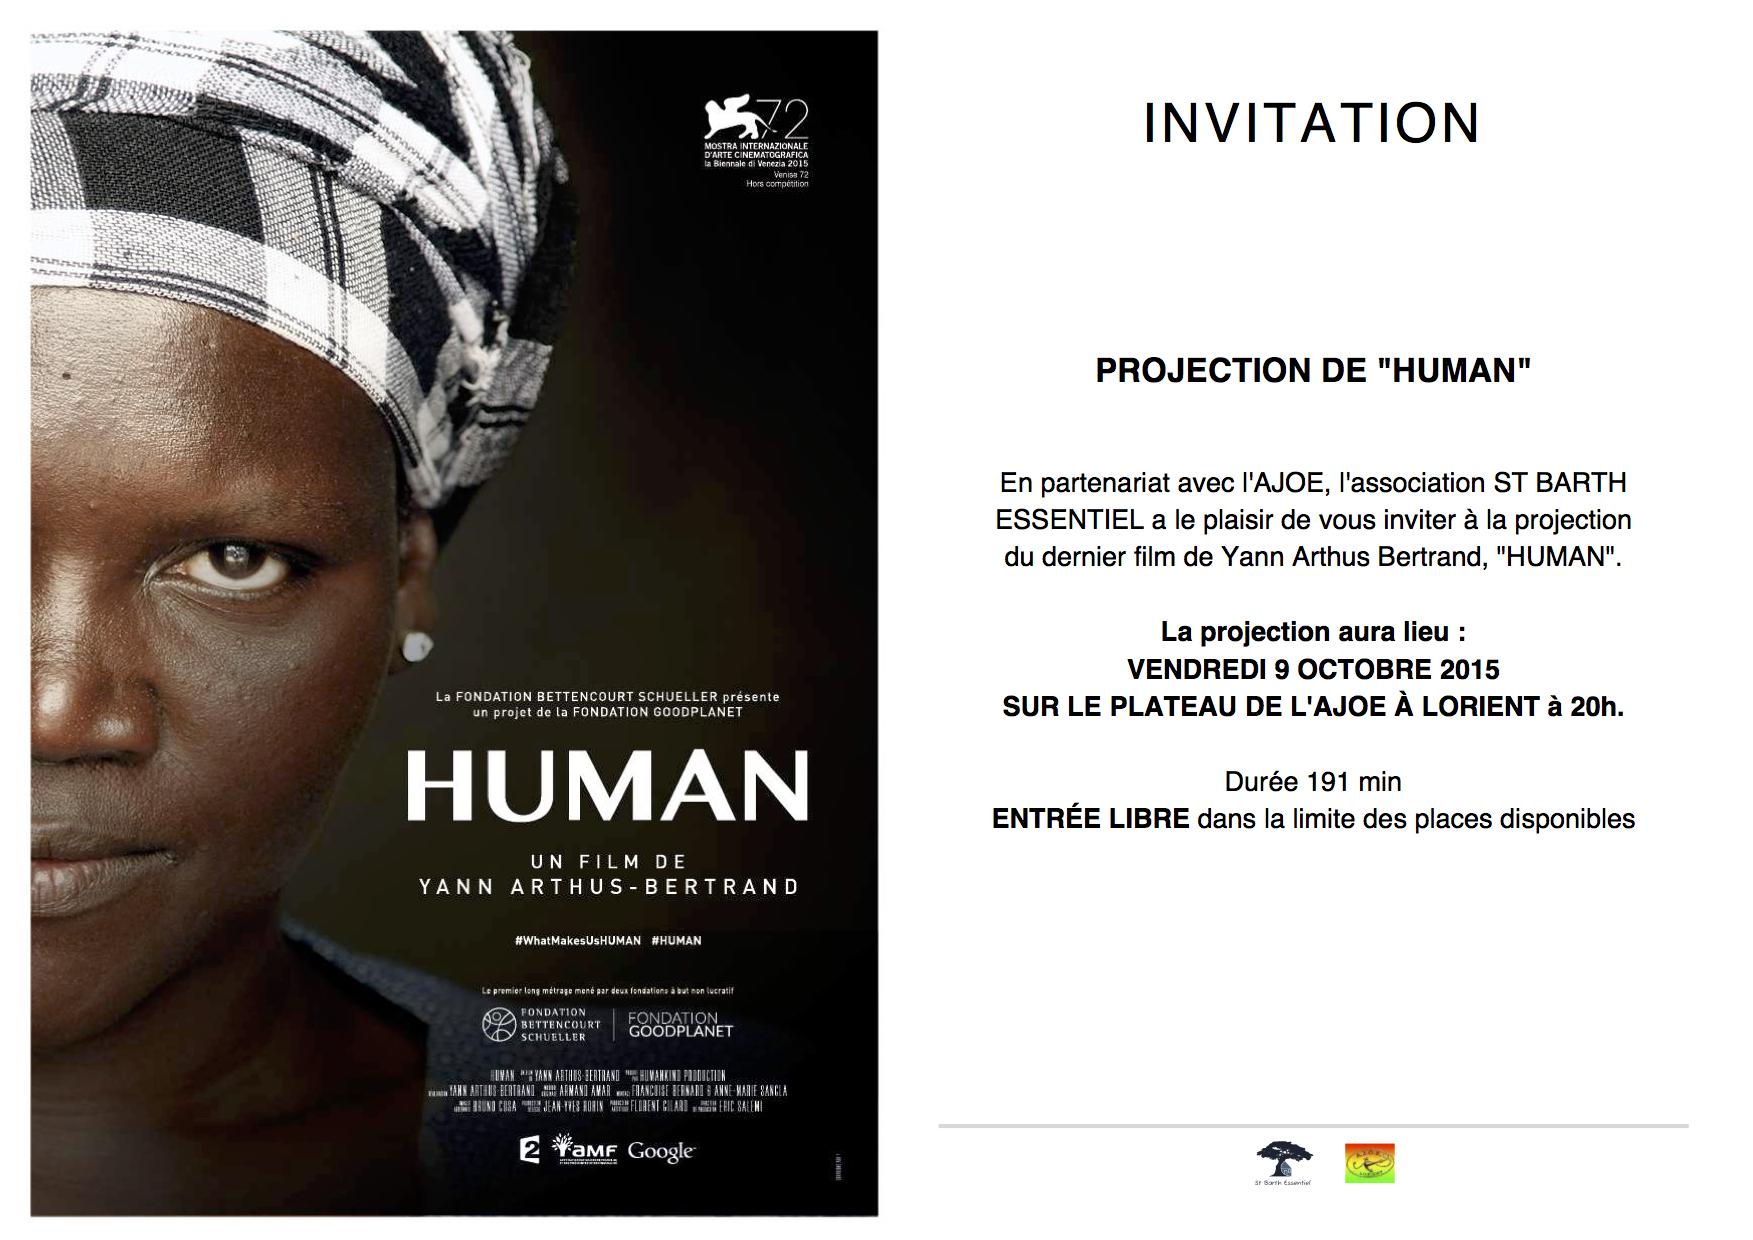 «HUMAN», YANN ARTHUS BERTRAND'S FILM PROJECTED AT AJOE